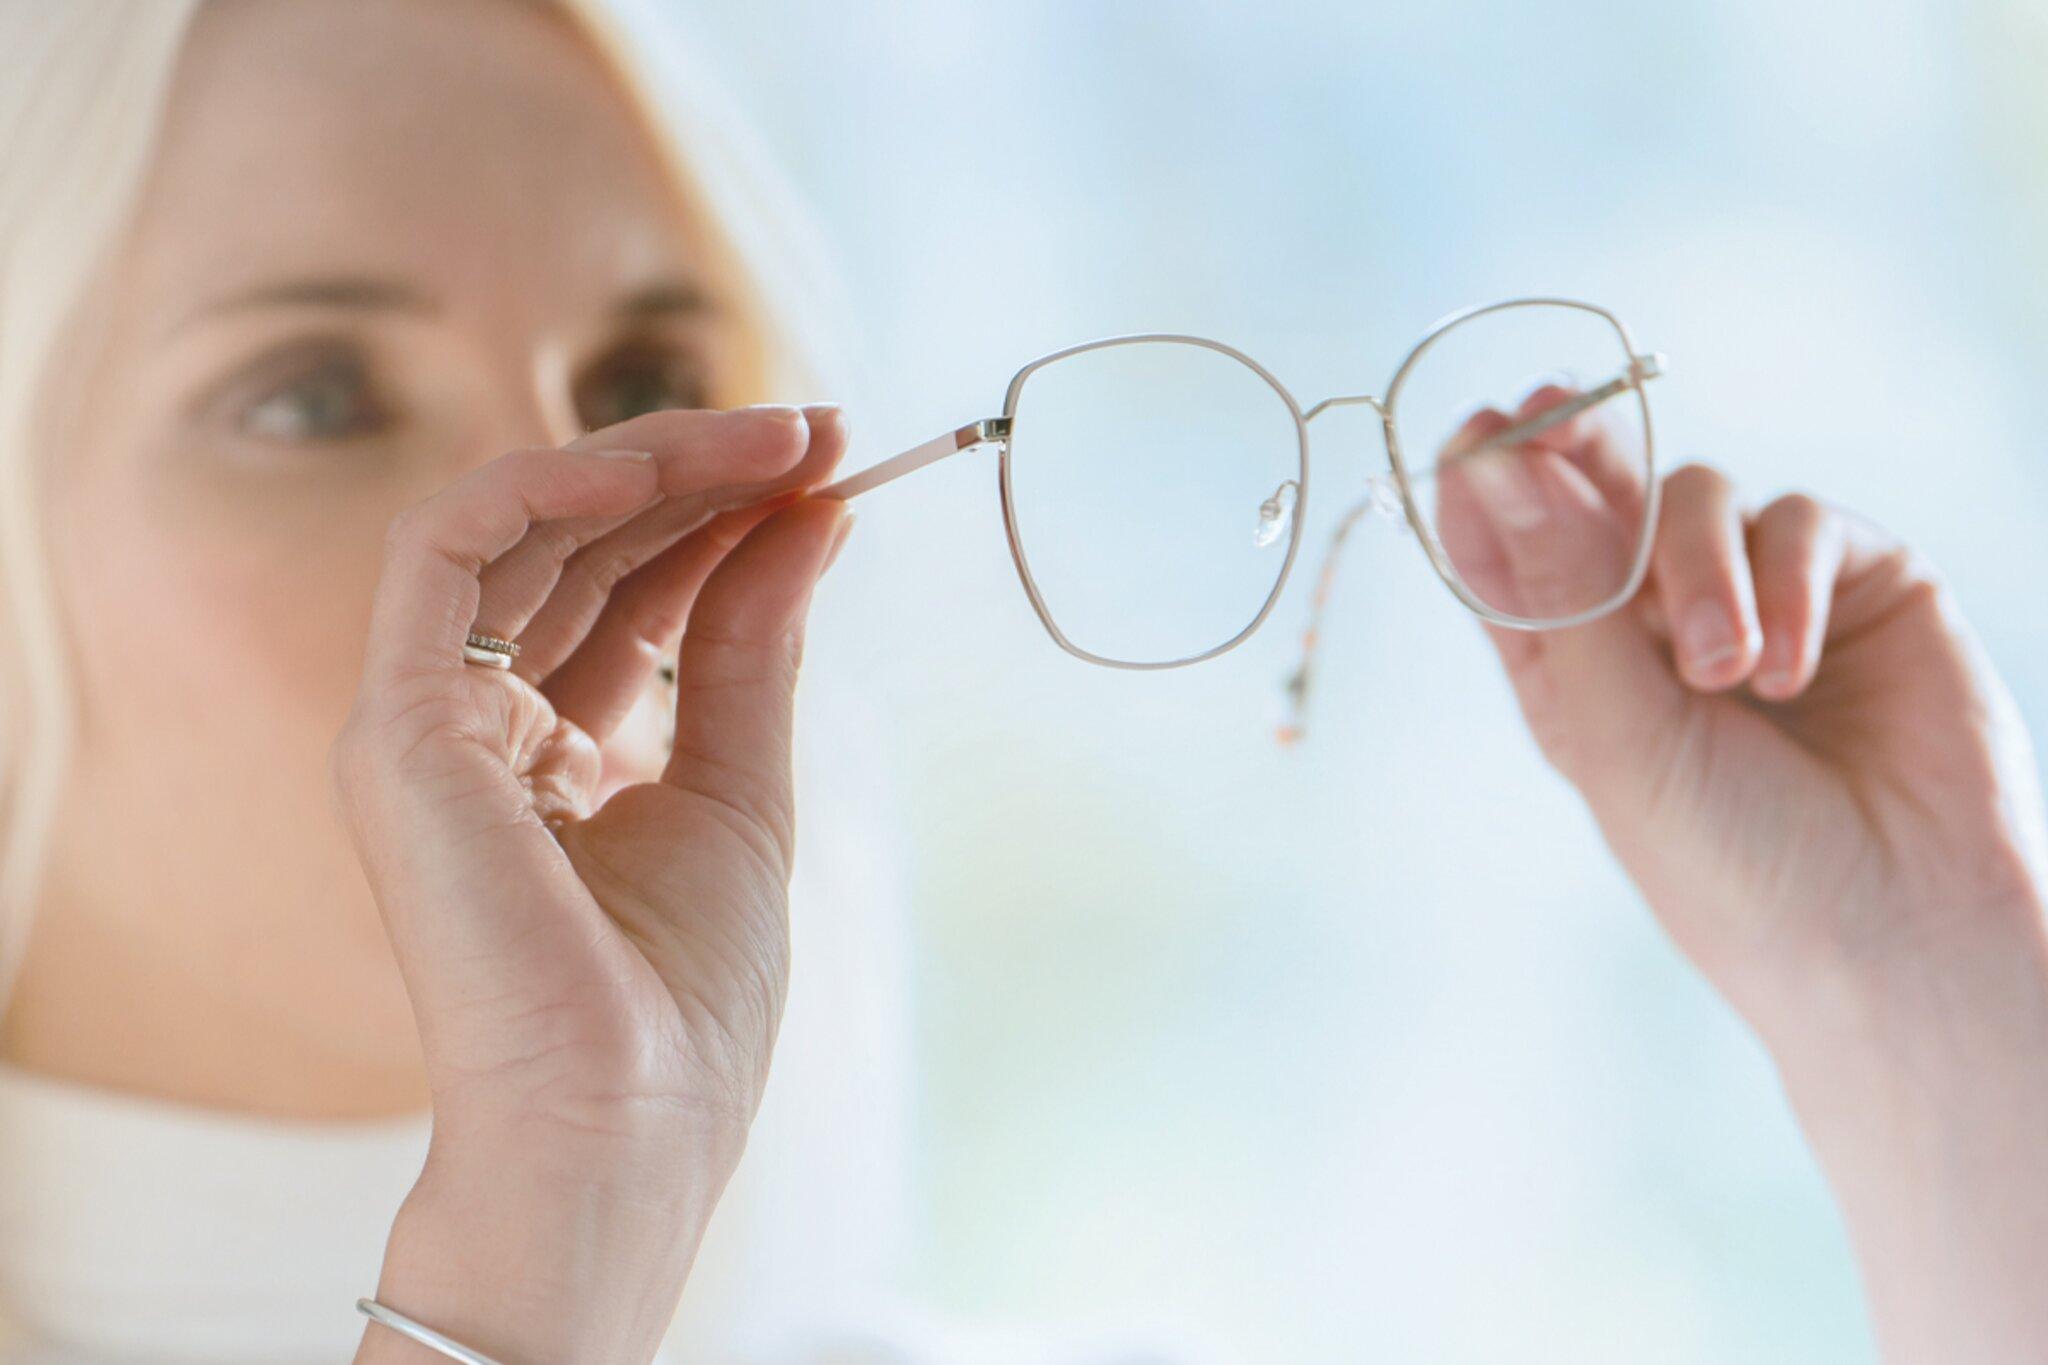 mit-antimikrobiellen-brillengl-sern-viren-abwehren